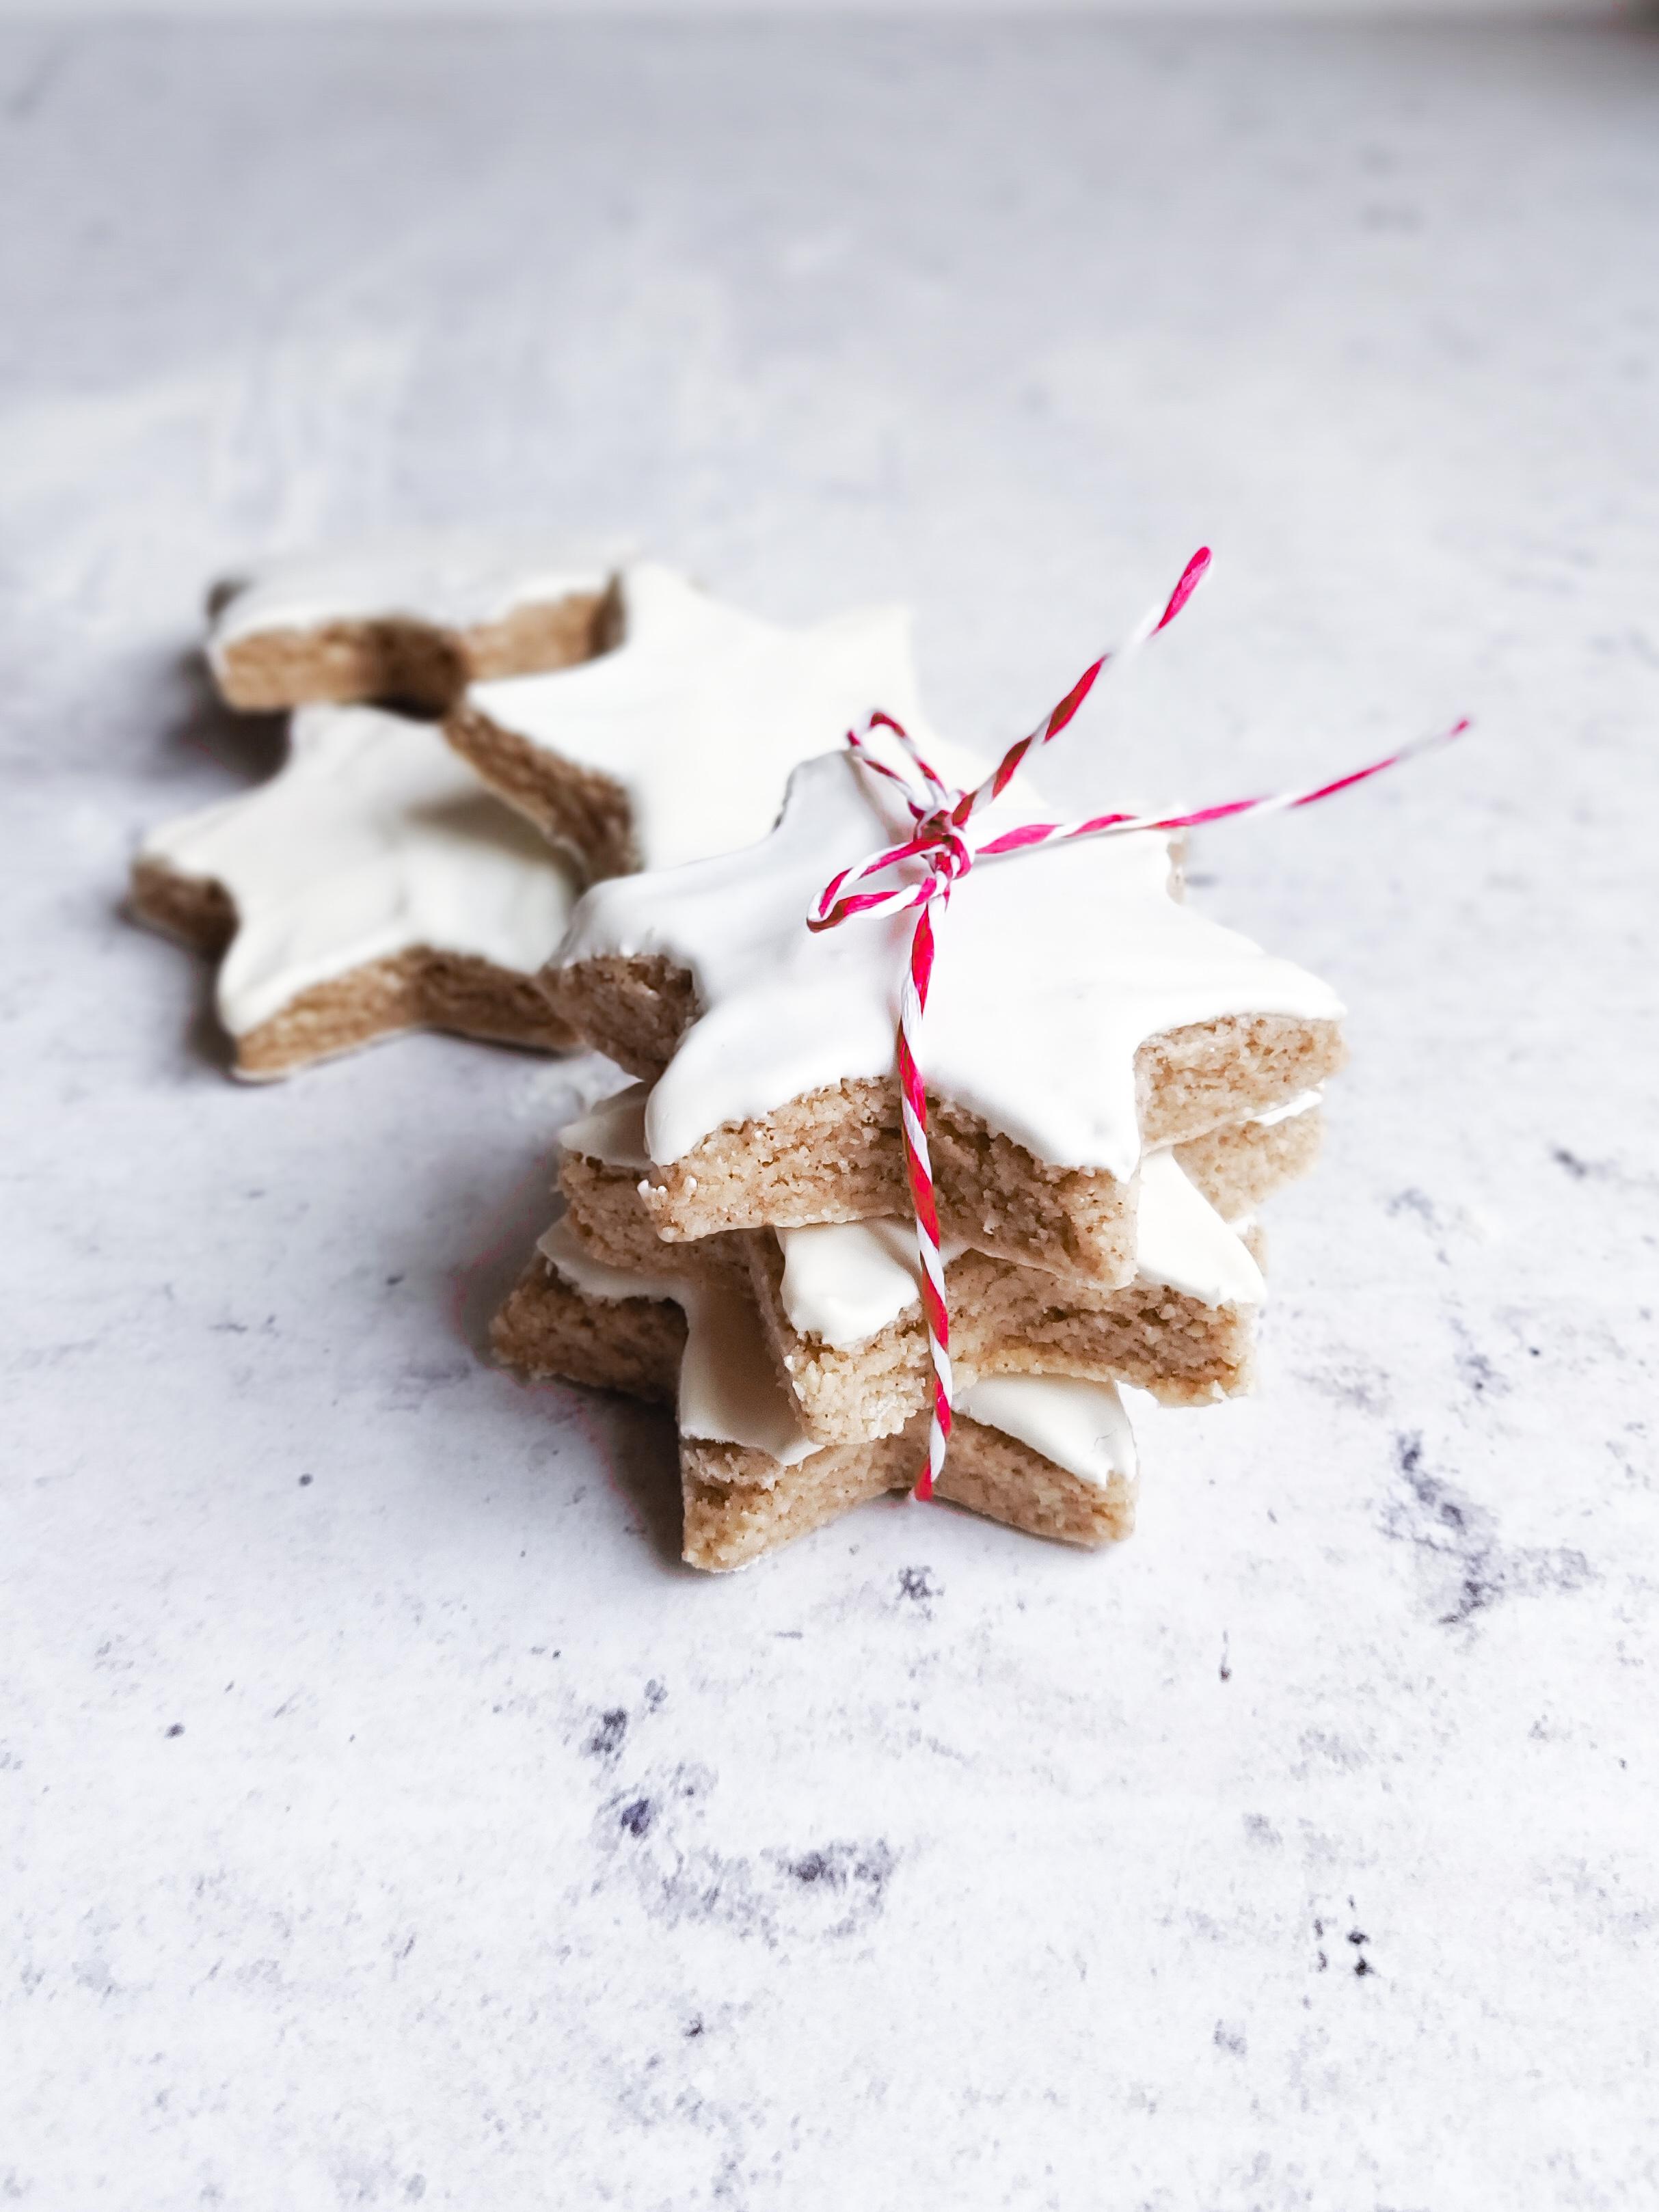 Biscotti Di Natale Zimtsterne.Chi Ha Rubato Le Crostate I Biscotti Di Natale Zimtsterne